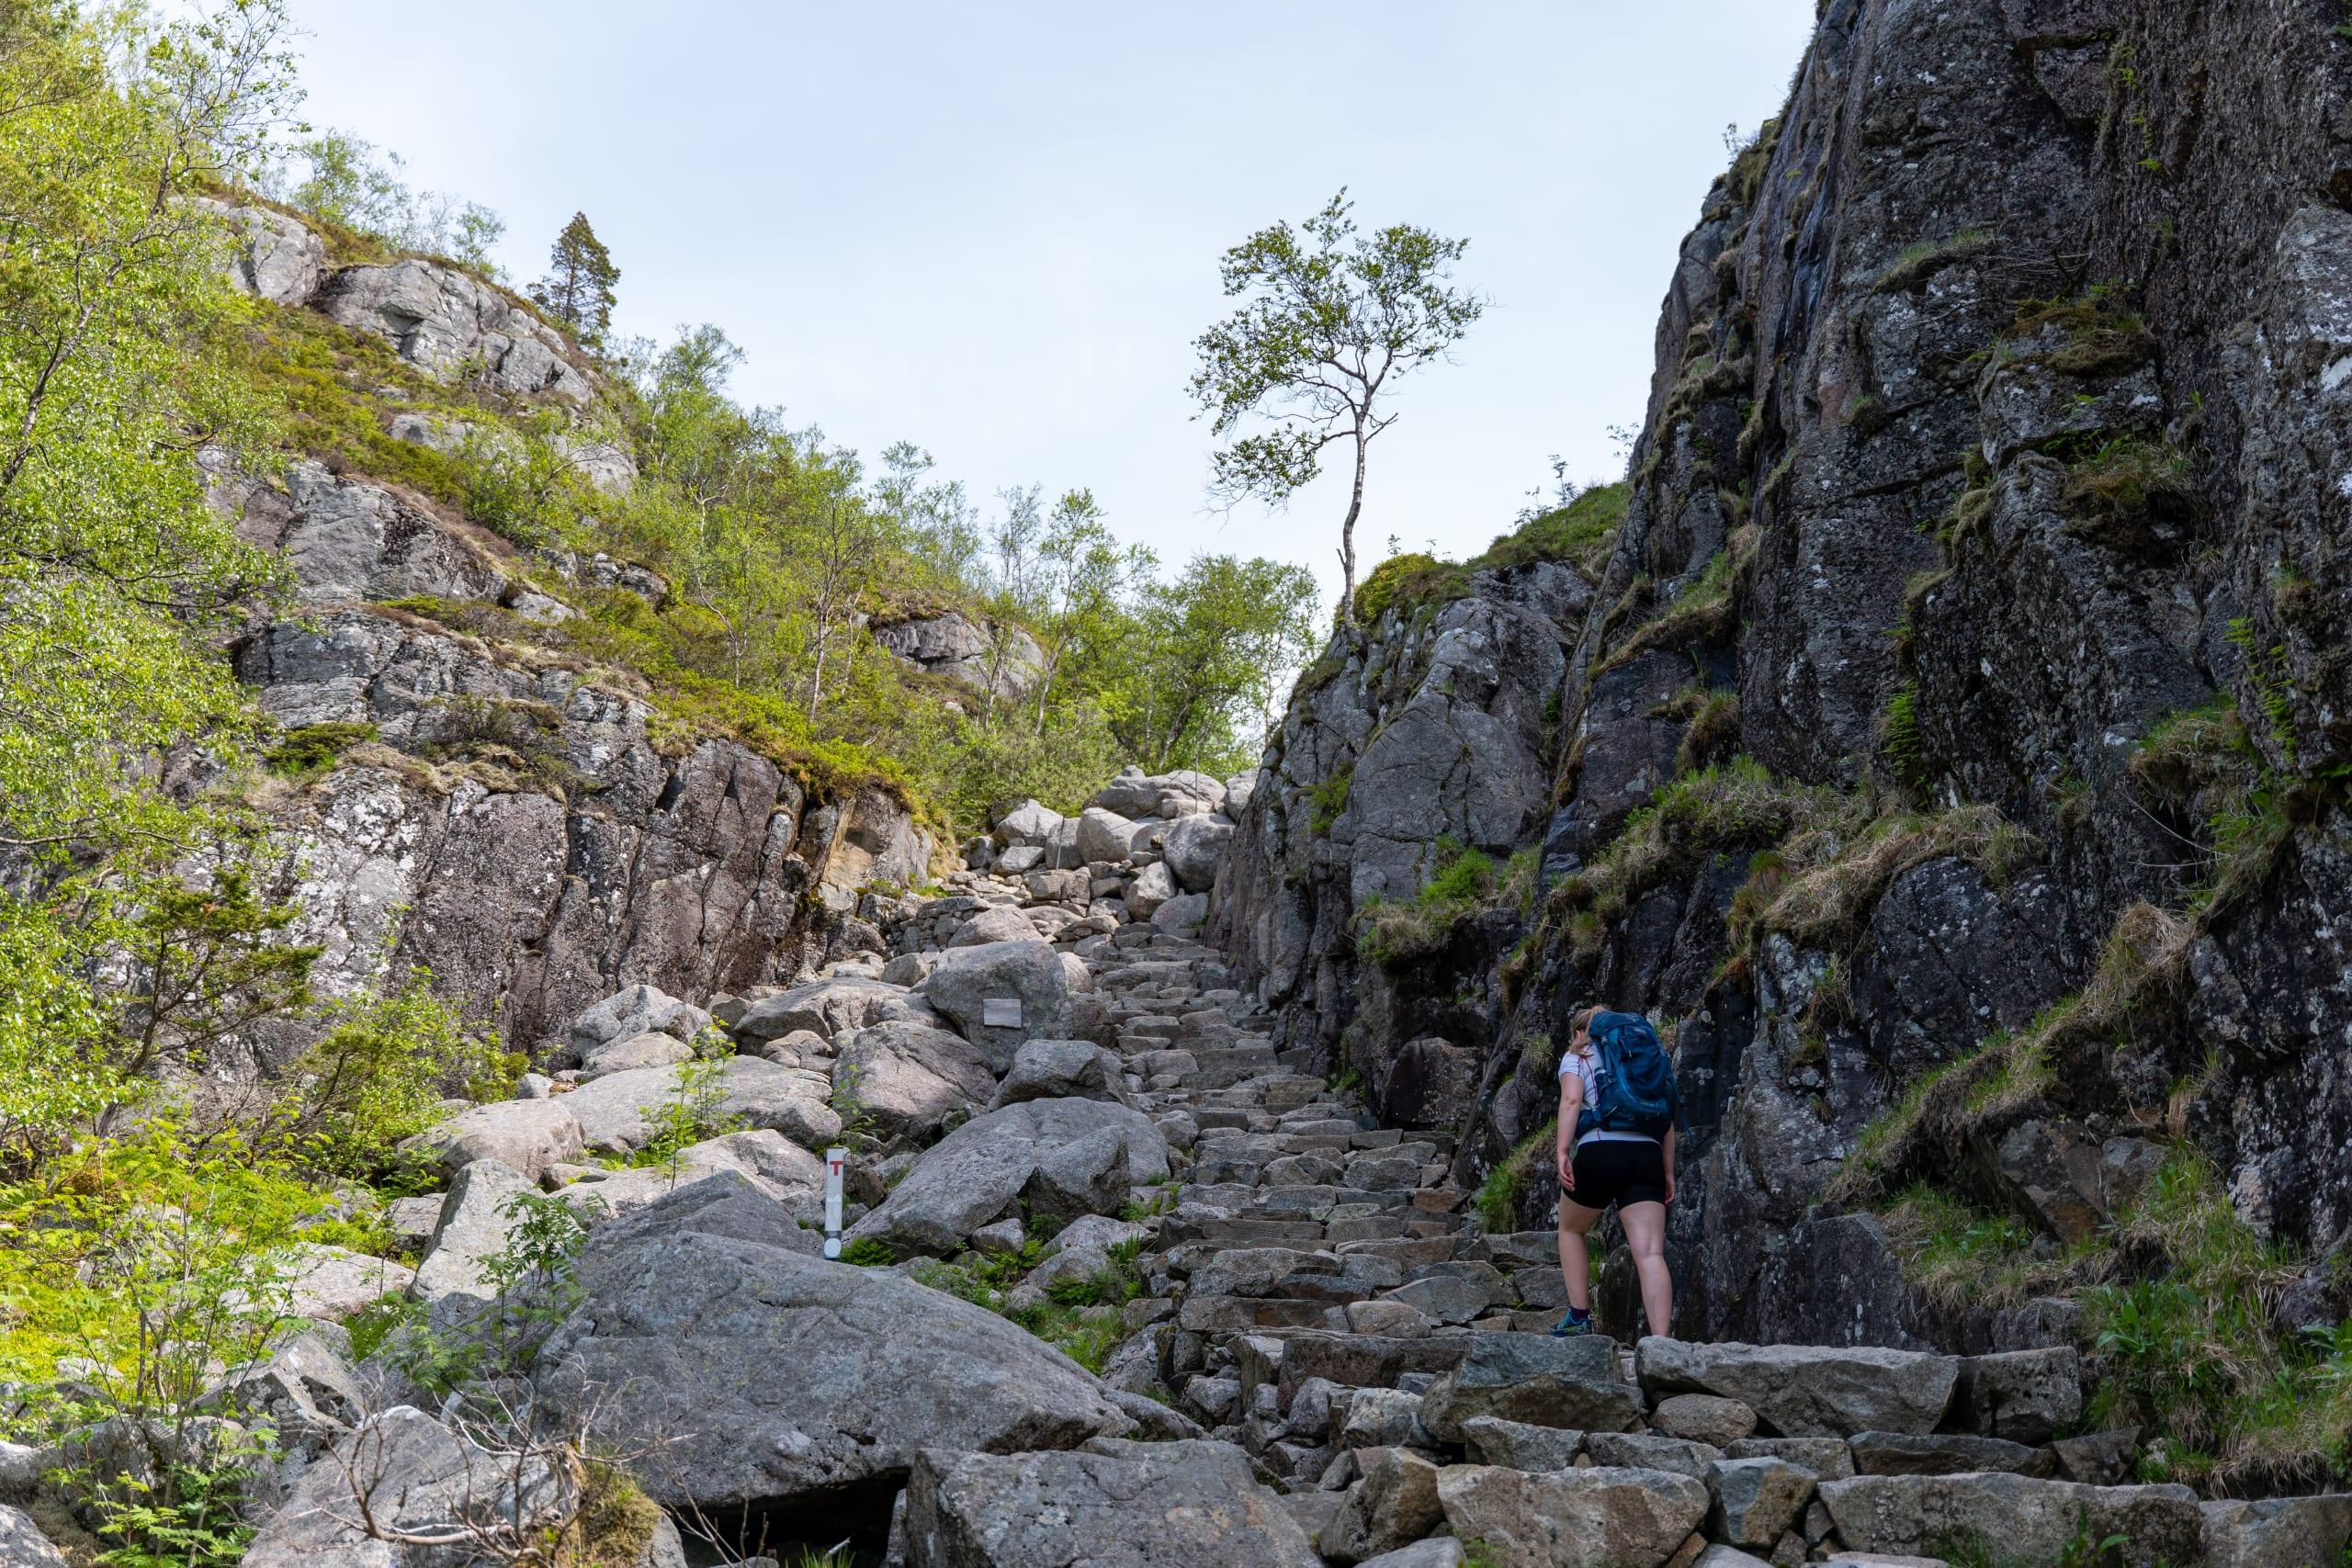 Neverdal ravine on the path to Preikestolen